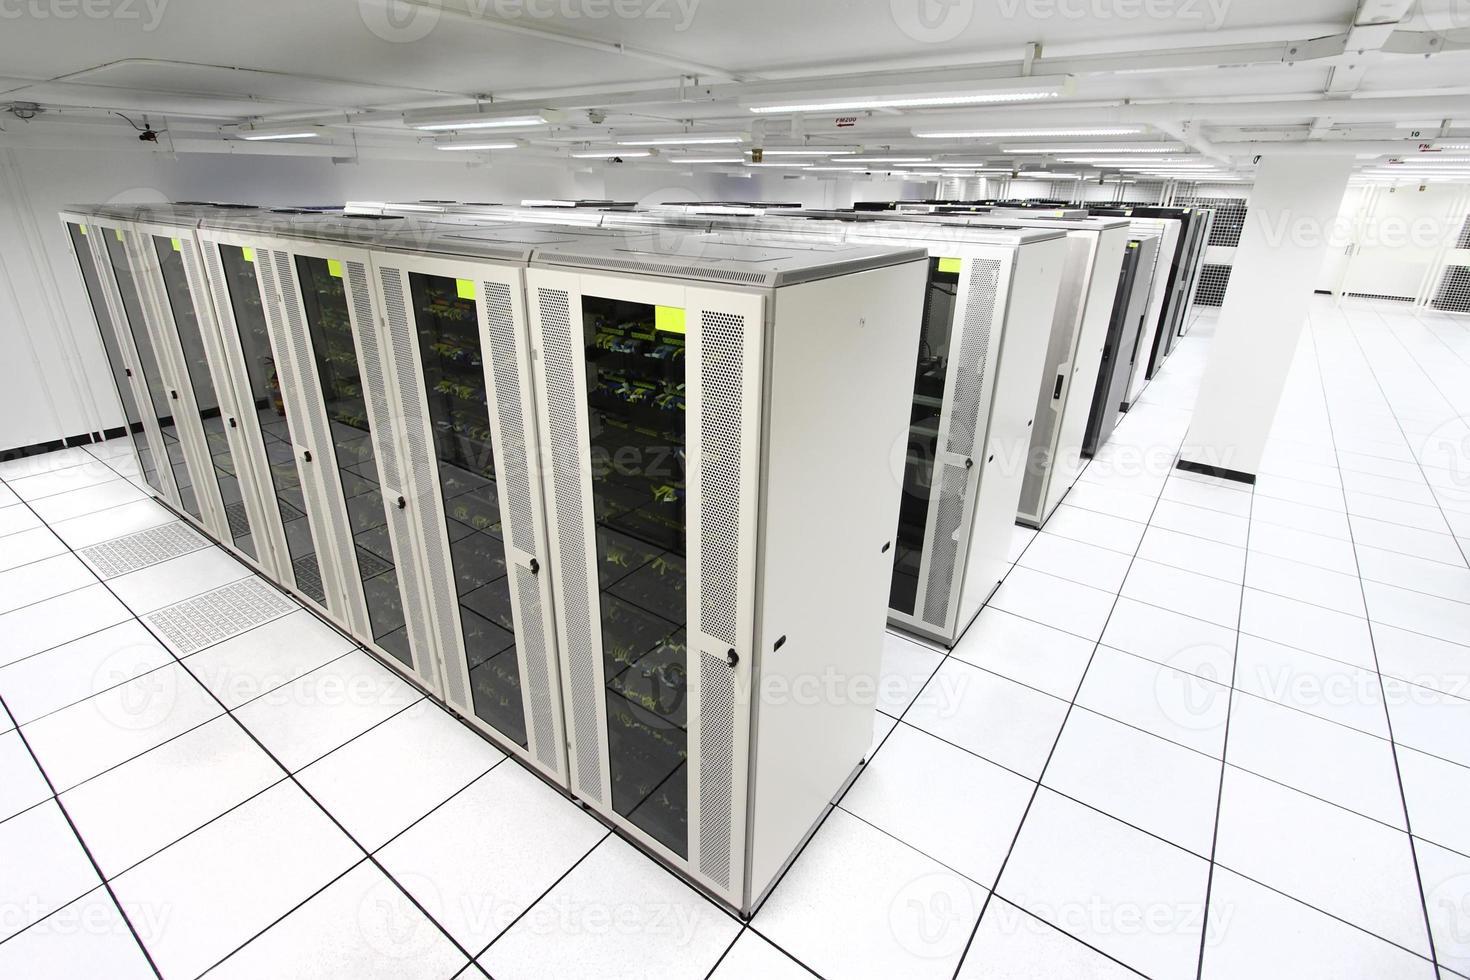 Serverraum mit weißen Servern foto